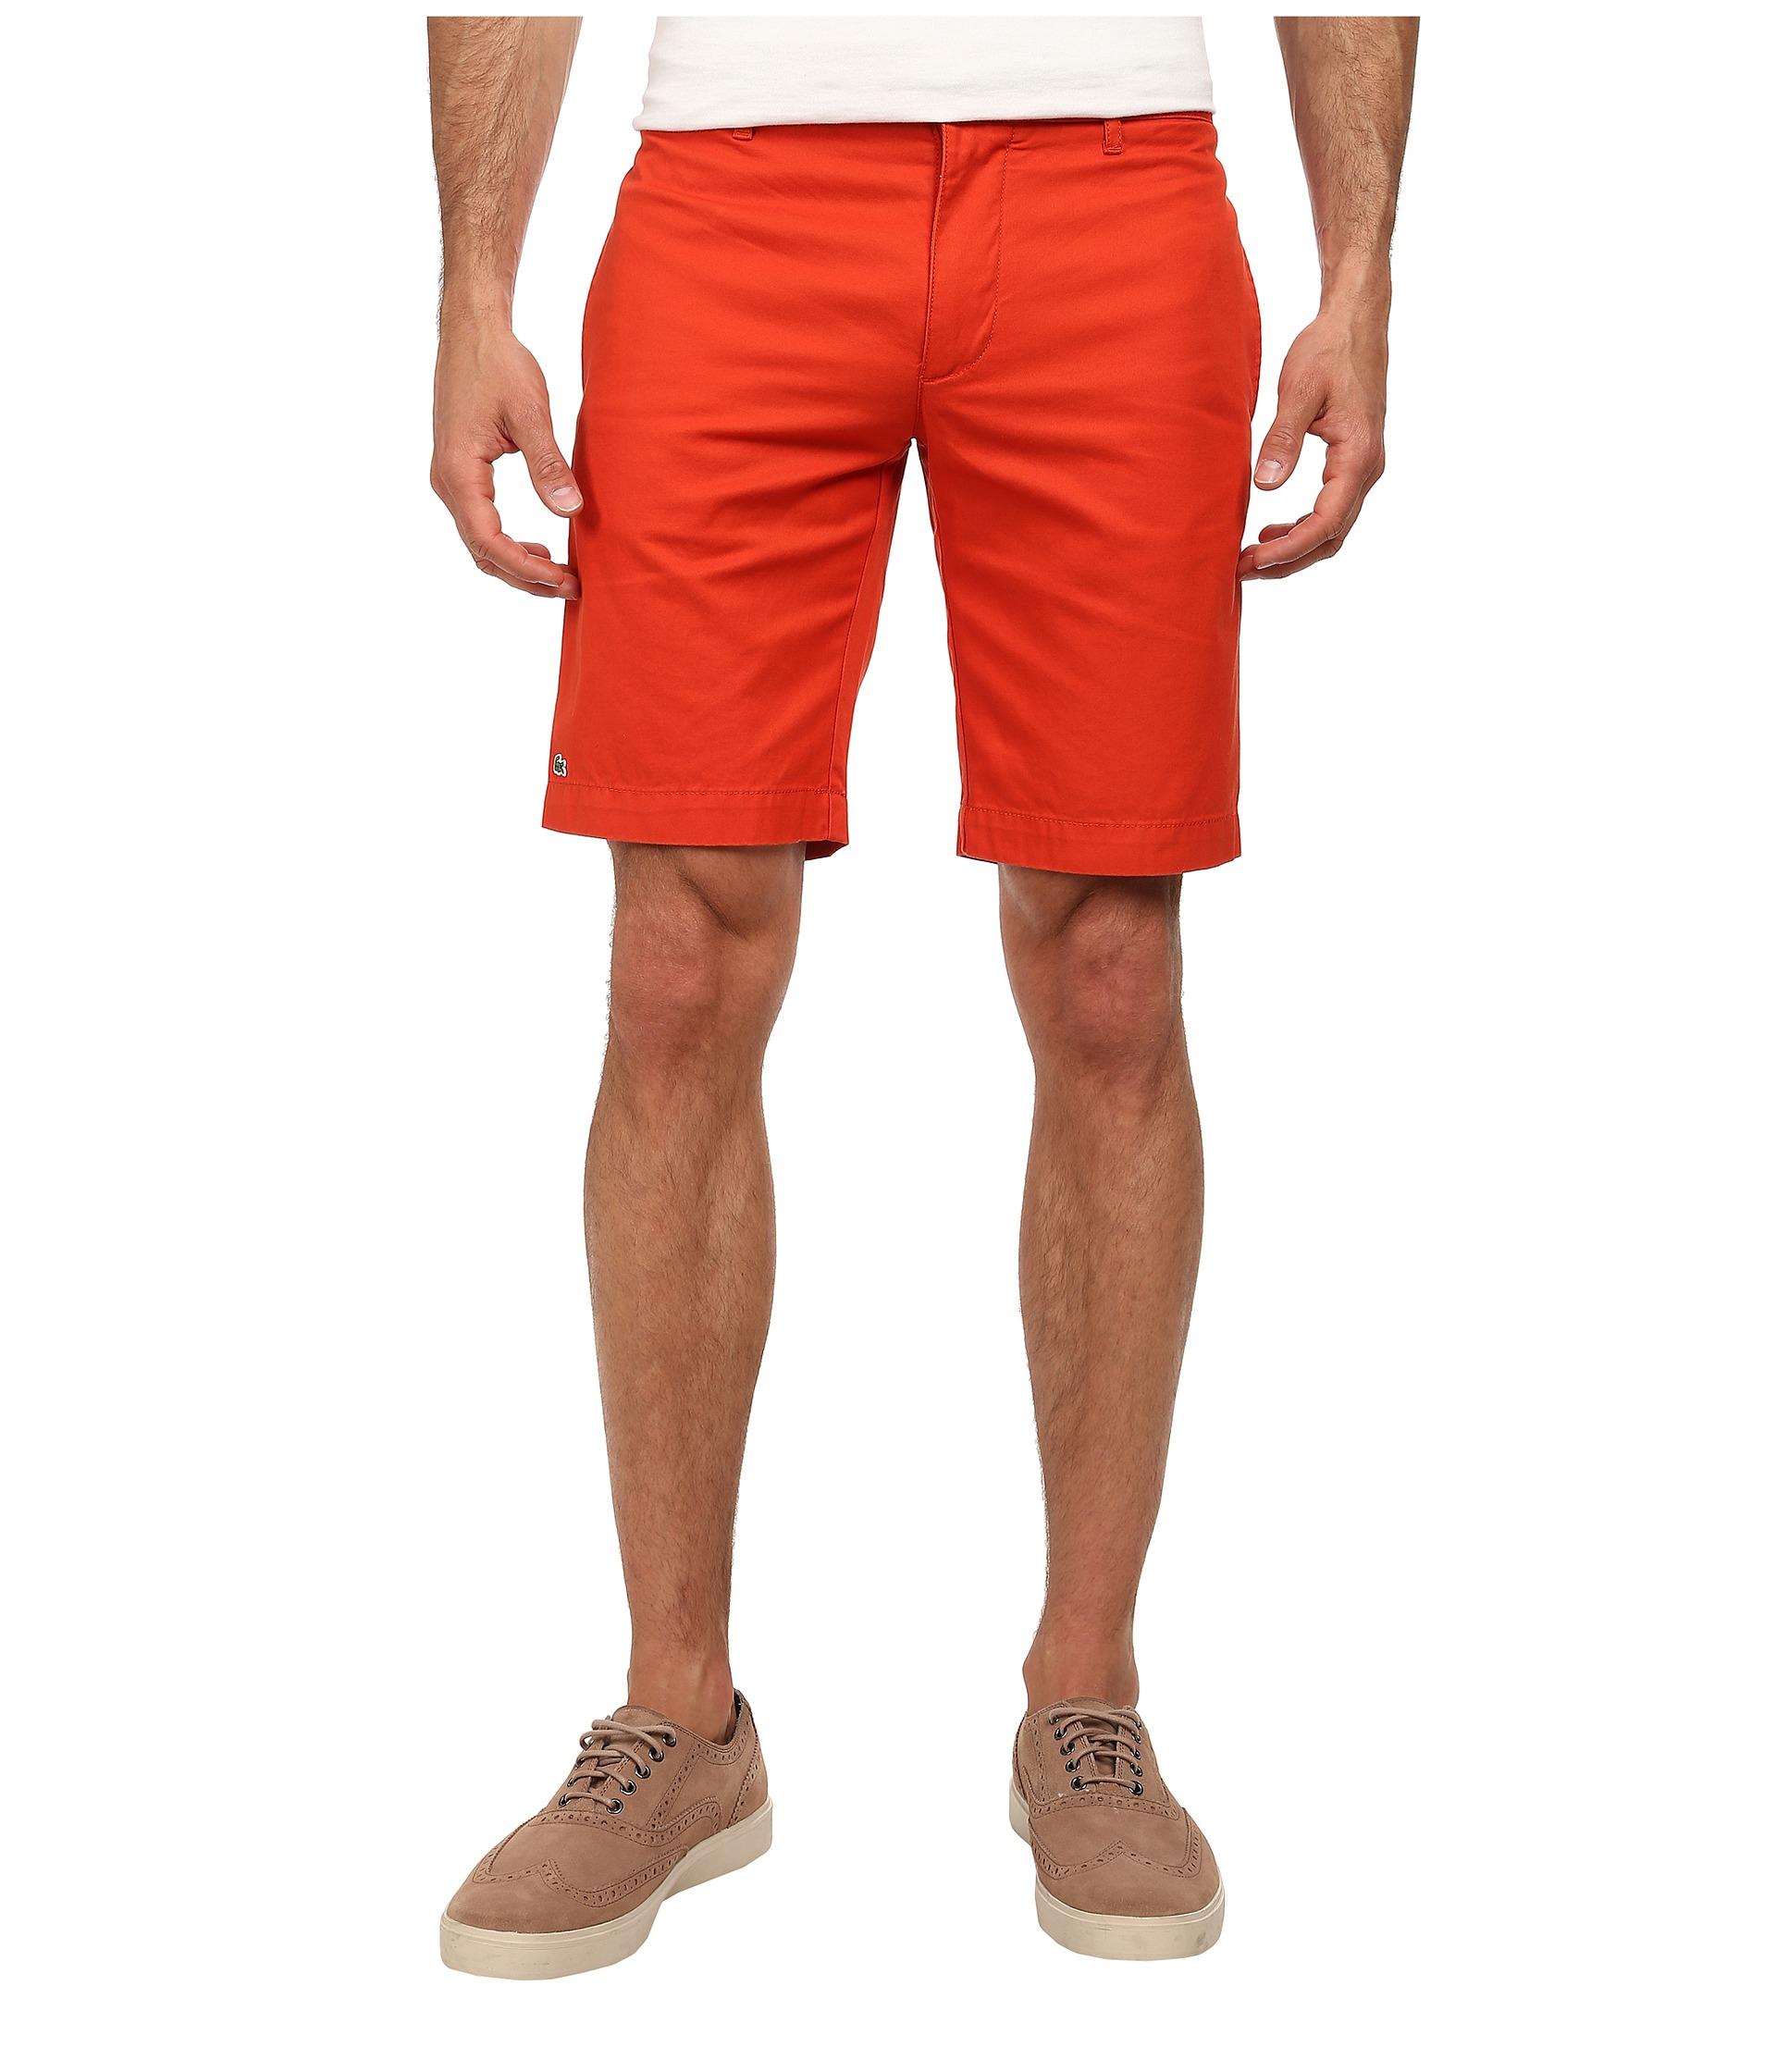 lacoste slim fit bermuda short in orange for men lyst. Black Bedroom Furniture Sets. Home Design Ideas